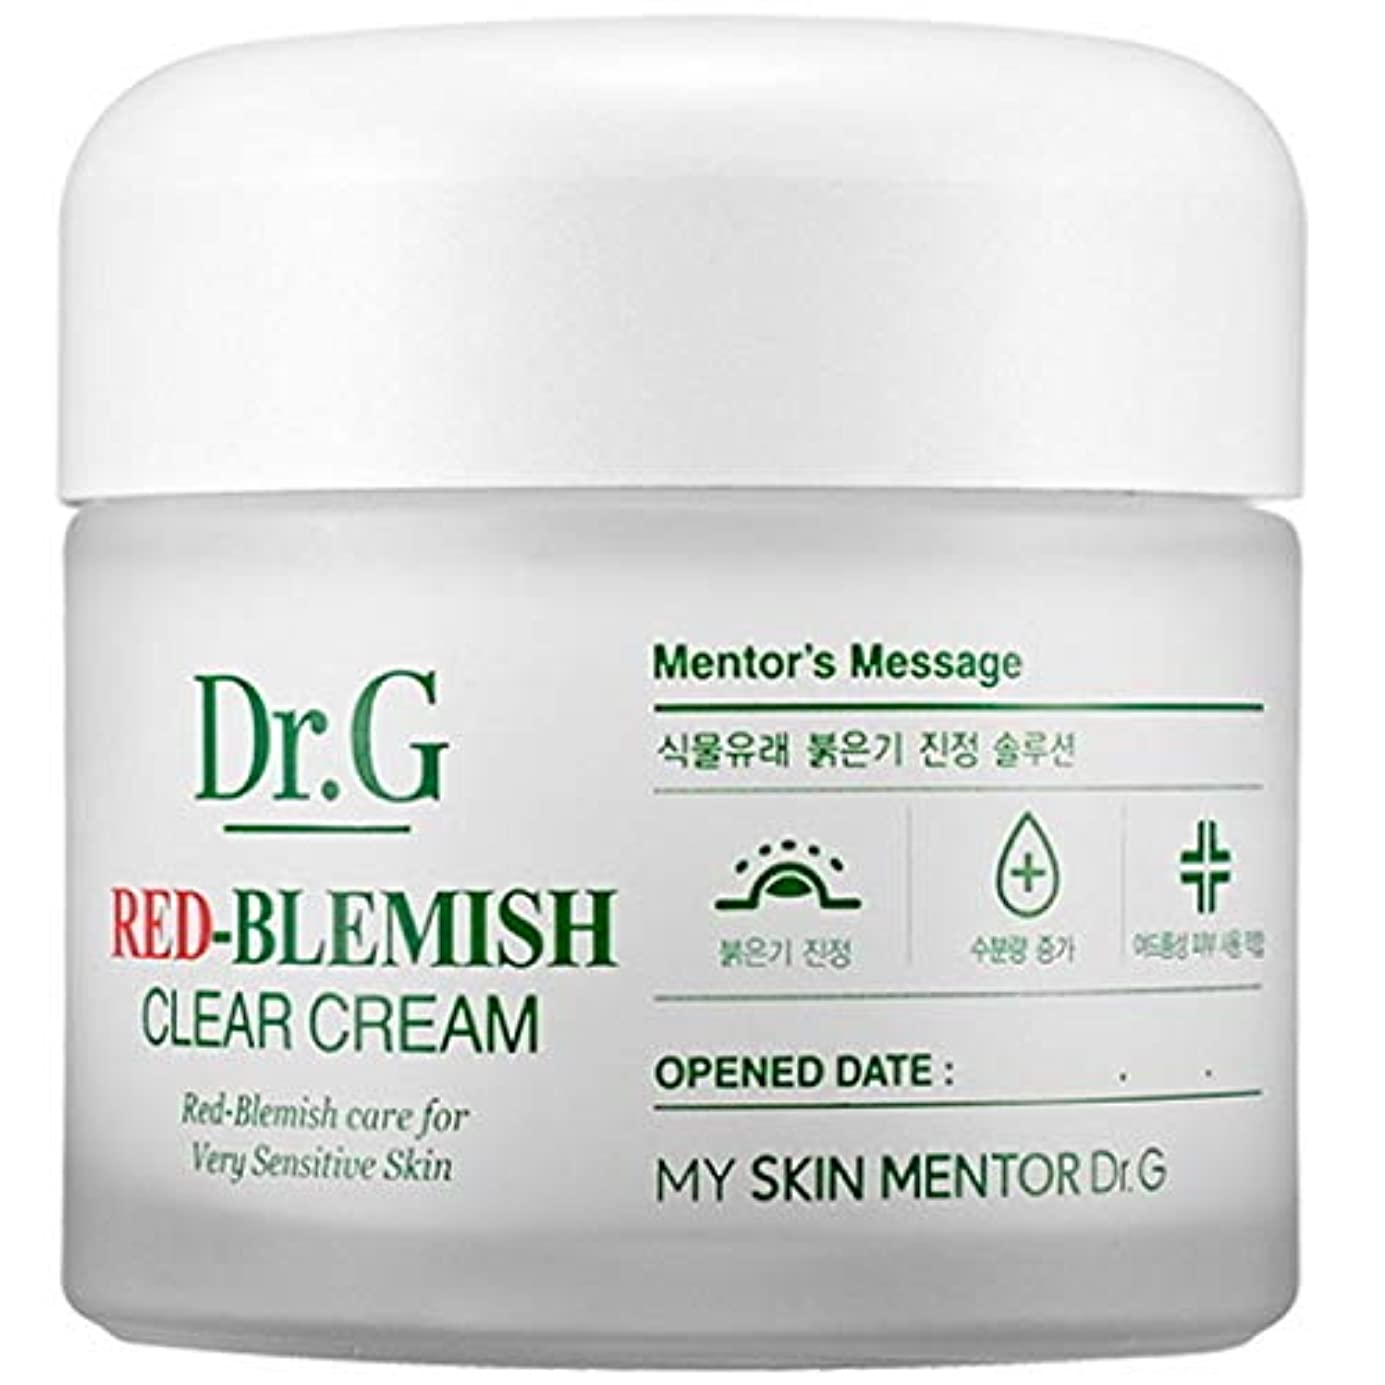 はぁ盆地波Dr. Red Blemish Clear Cream ドクタージー レッド ブレミッシュ クリアー クリーム